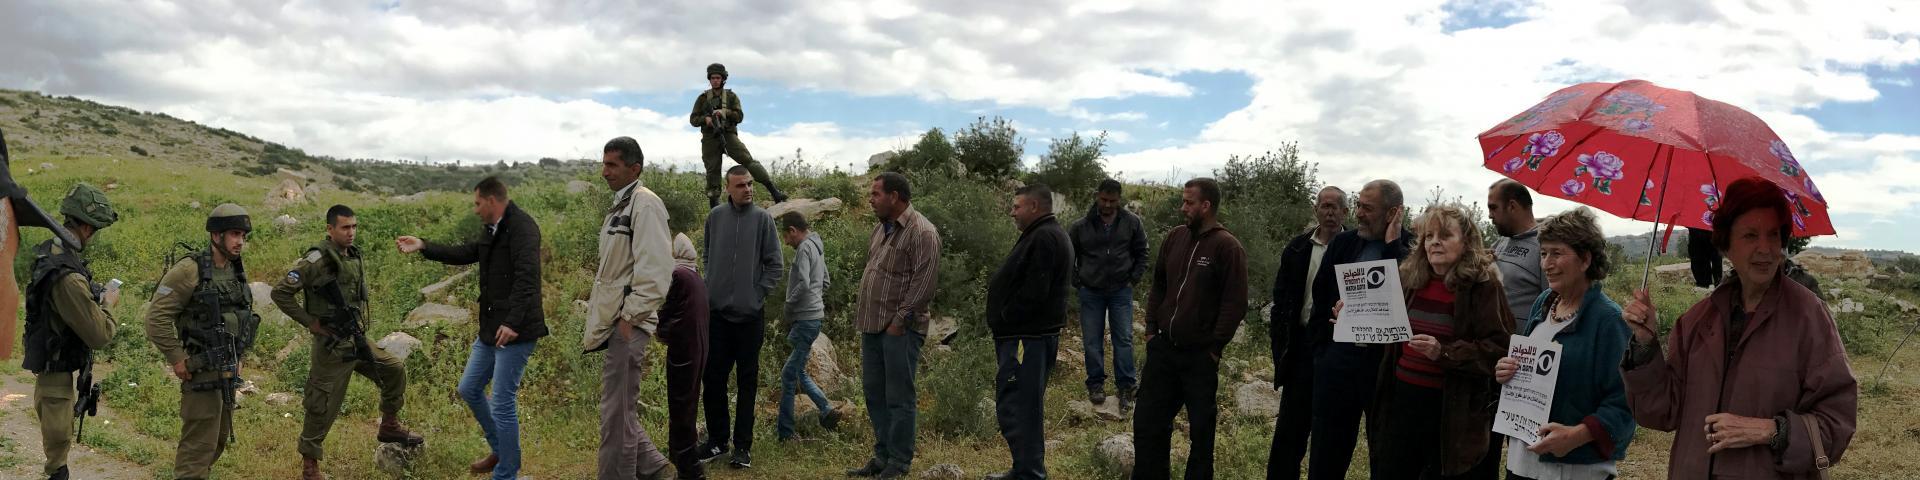 הפגנה למען היתר מעבר לעבודה חקלאית בחלקות הפרטיות